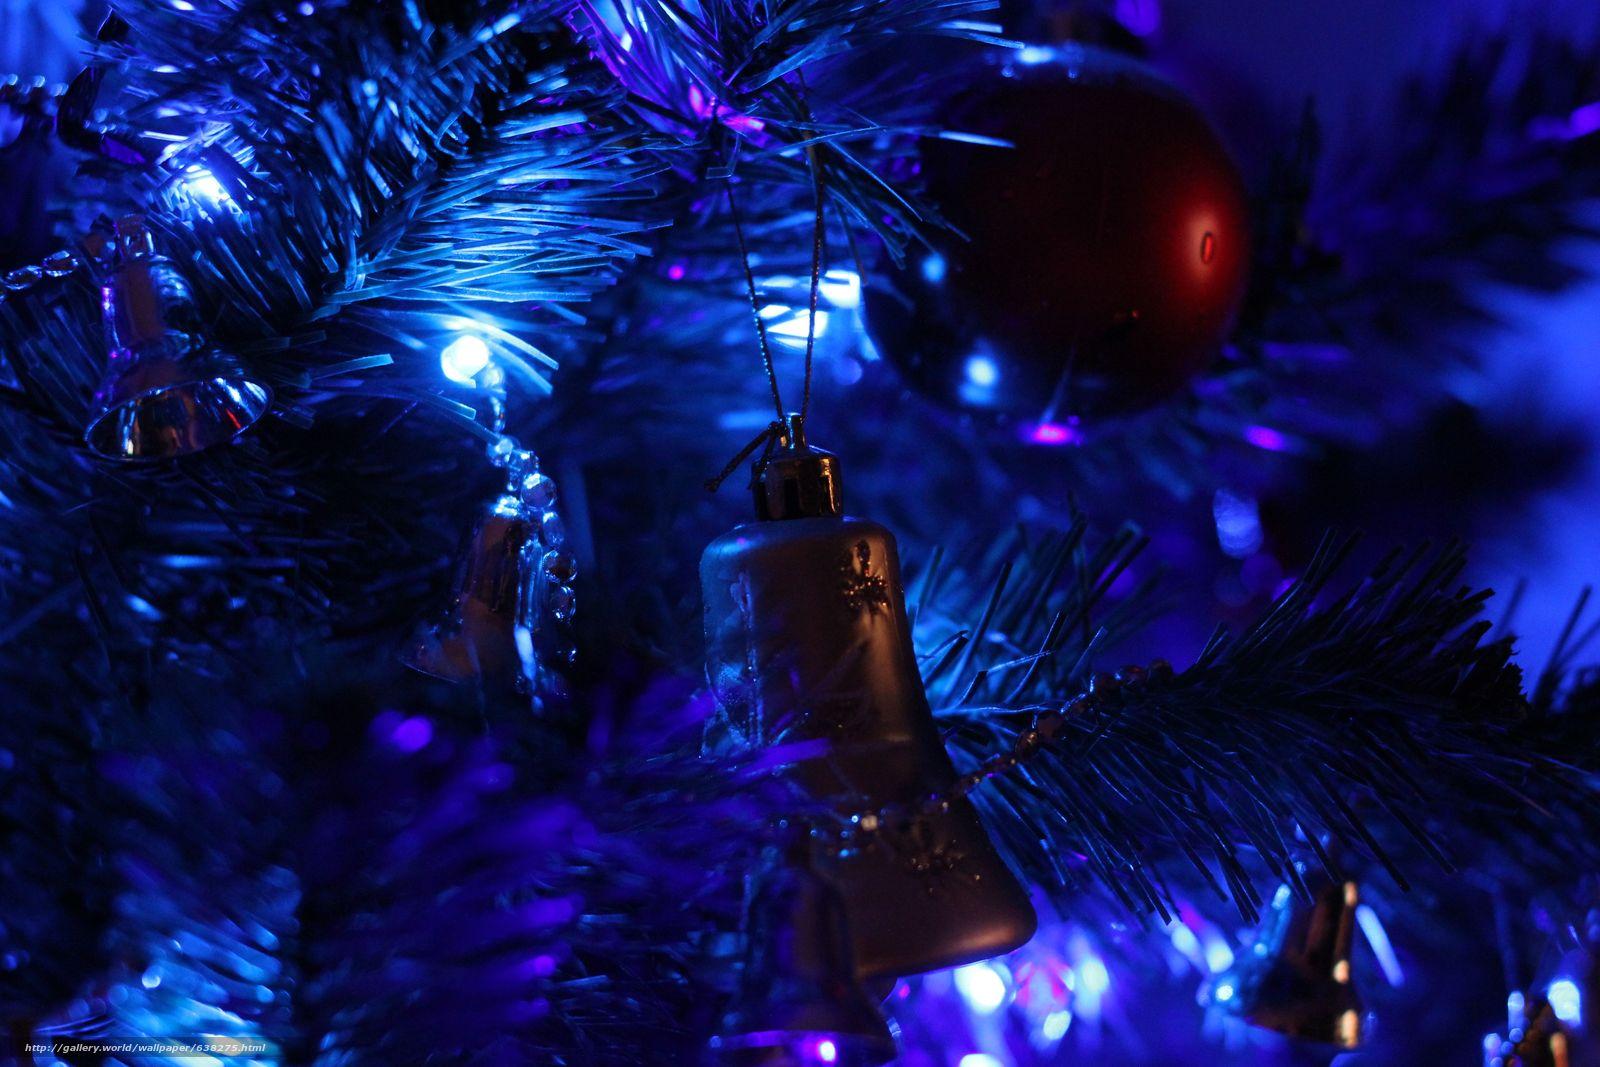 Descargar gratis Árbol de Navidad,  Guirnaldas,  luces,  Juguetes Fondos de escritorio en la resolucin 4954x3303 — imagen №638275